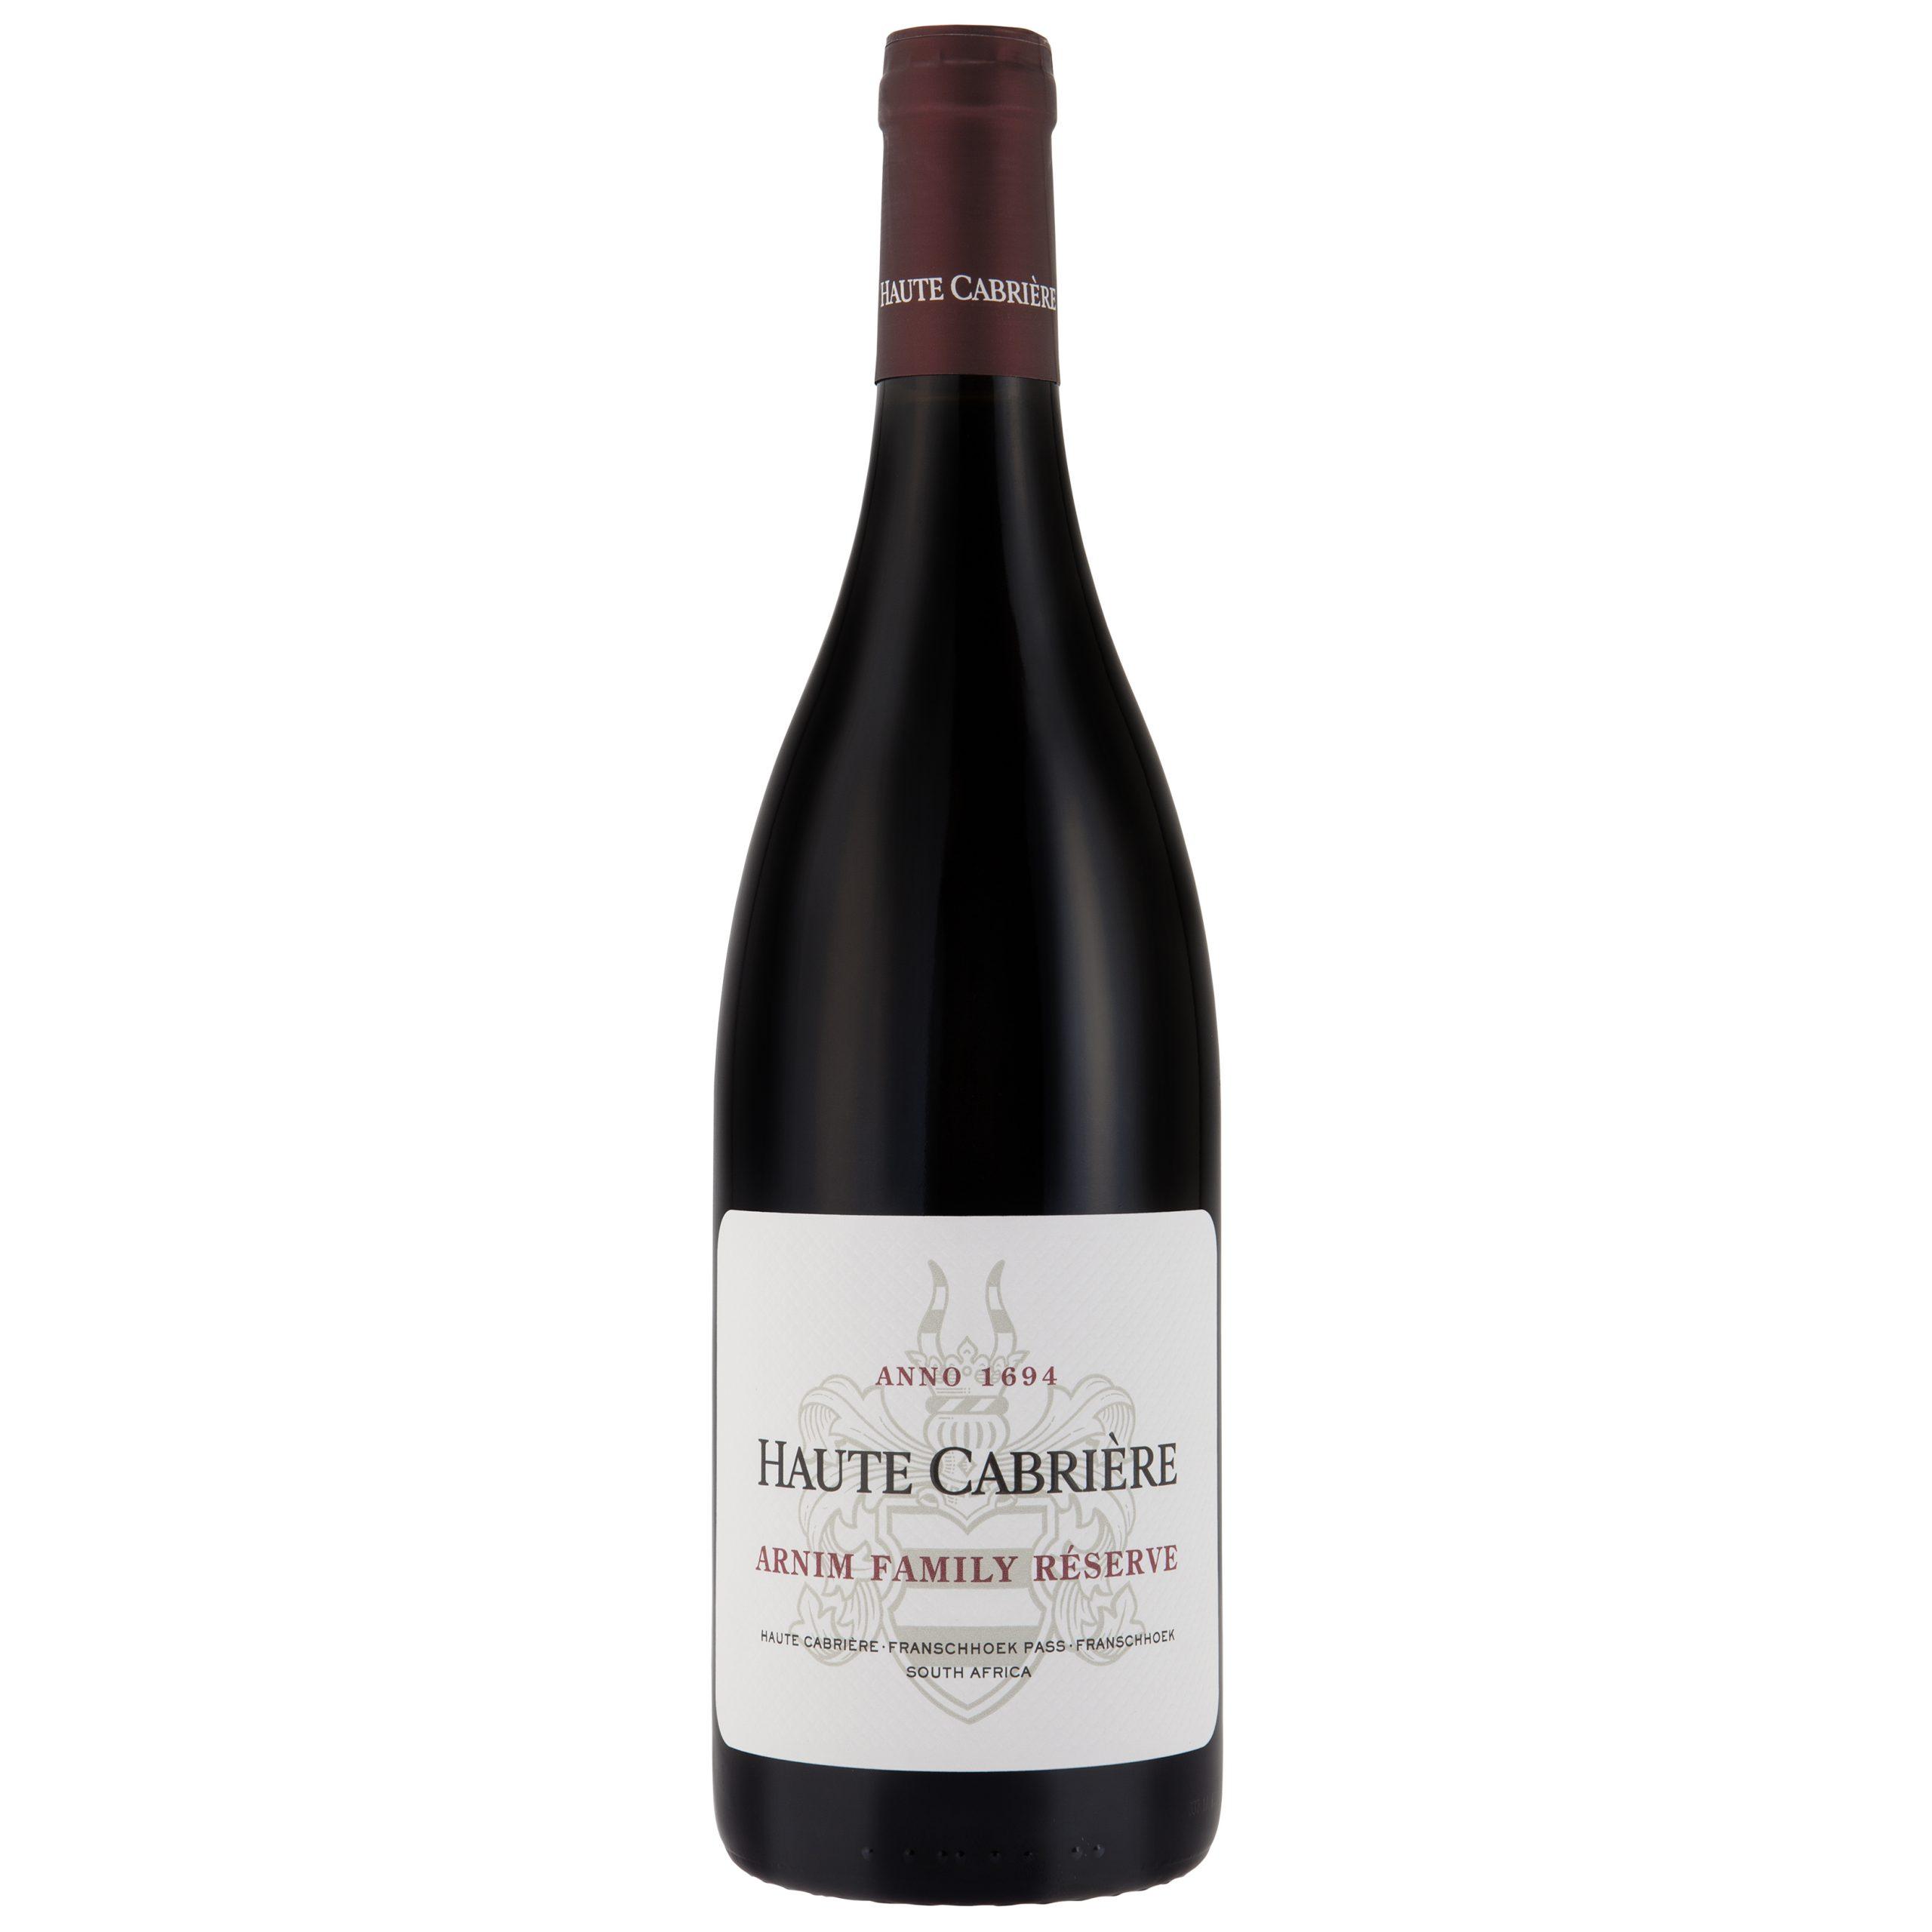 Haute Cabrière -Arnim Family Reserve